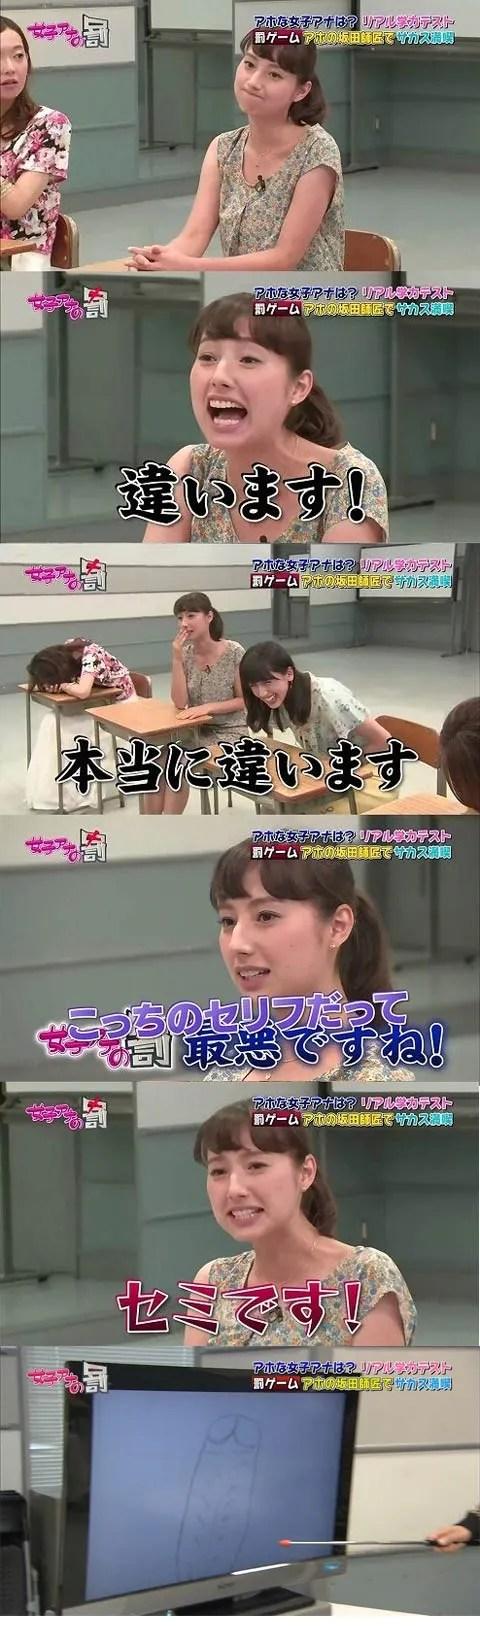 【これはアウト】女子アナがテレビで放送禁止の絵を描く